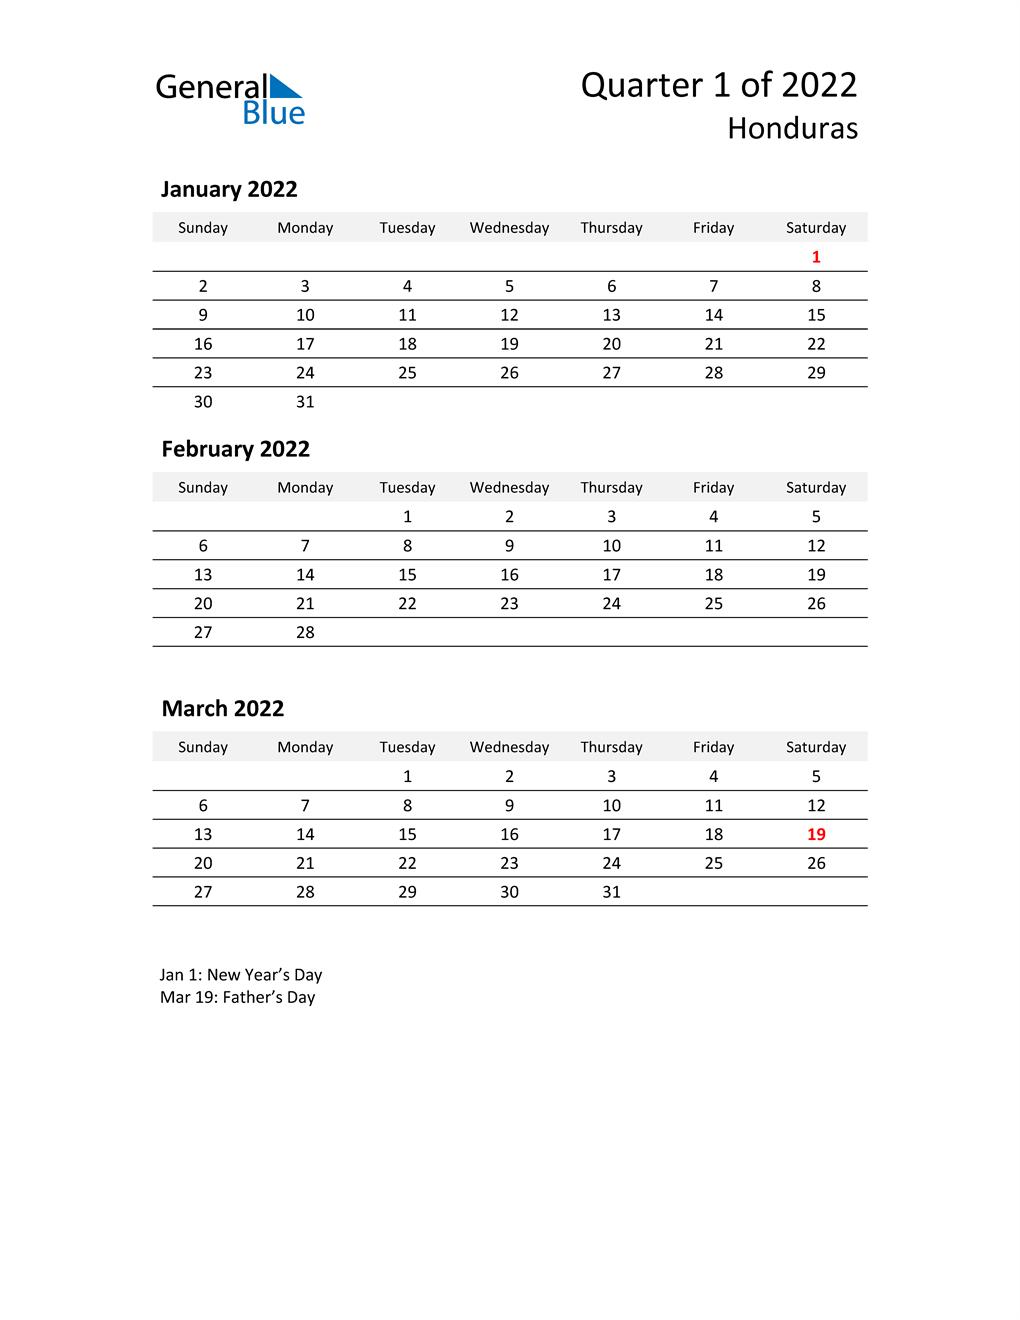 2022 Three-Month Calendar for Honduras